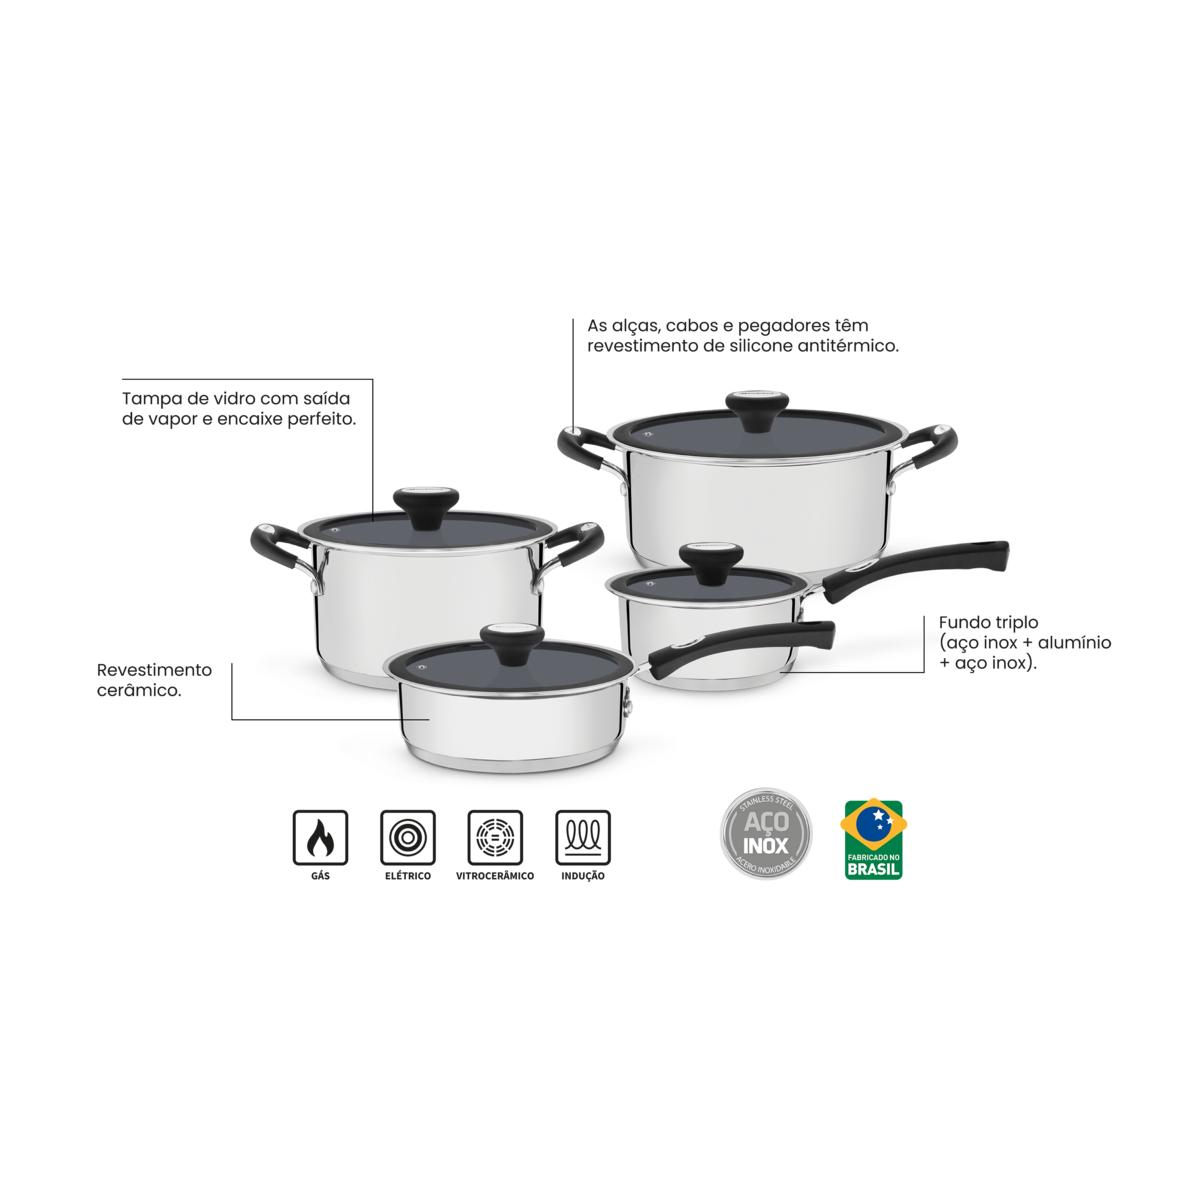 Jogo de Panelas aço inox Solar revestimento ceramico 4 peças